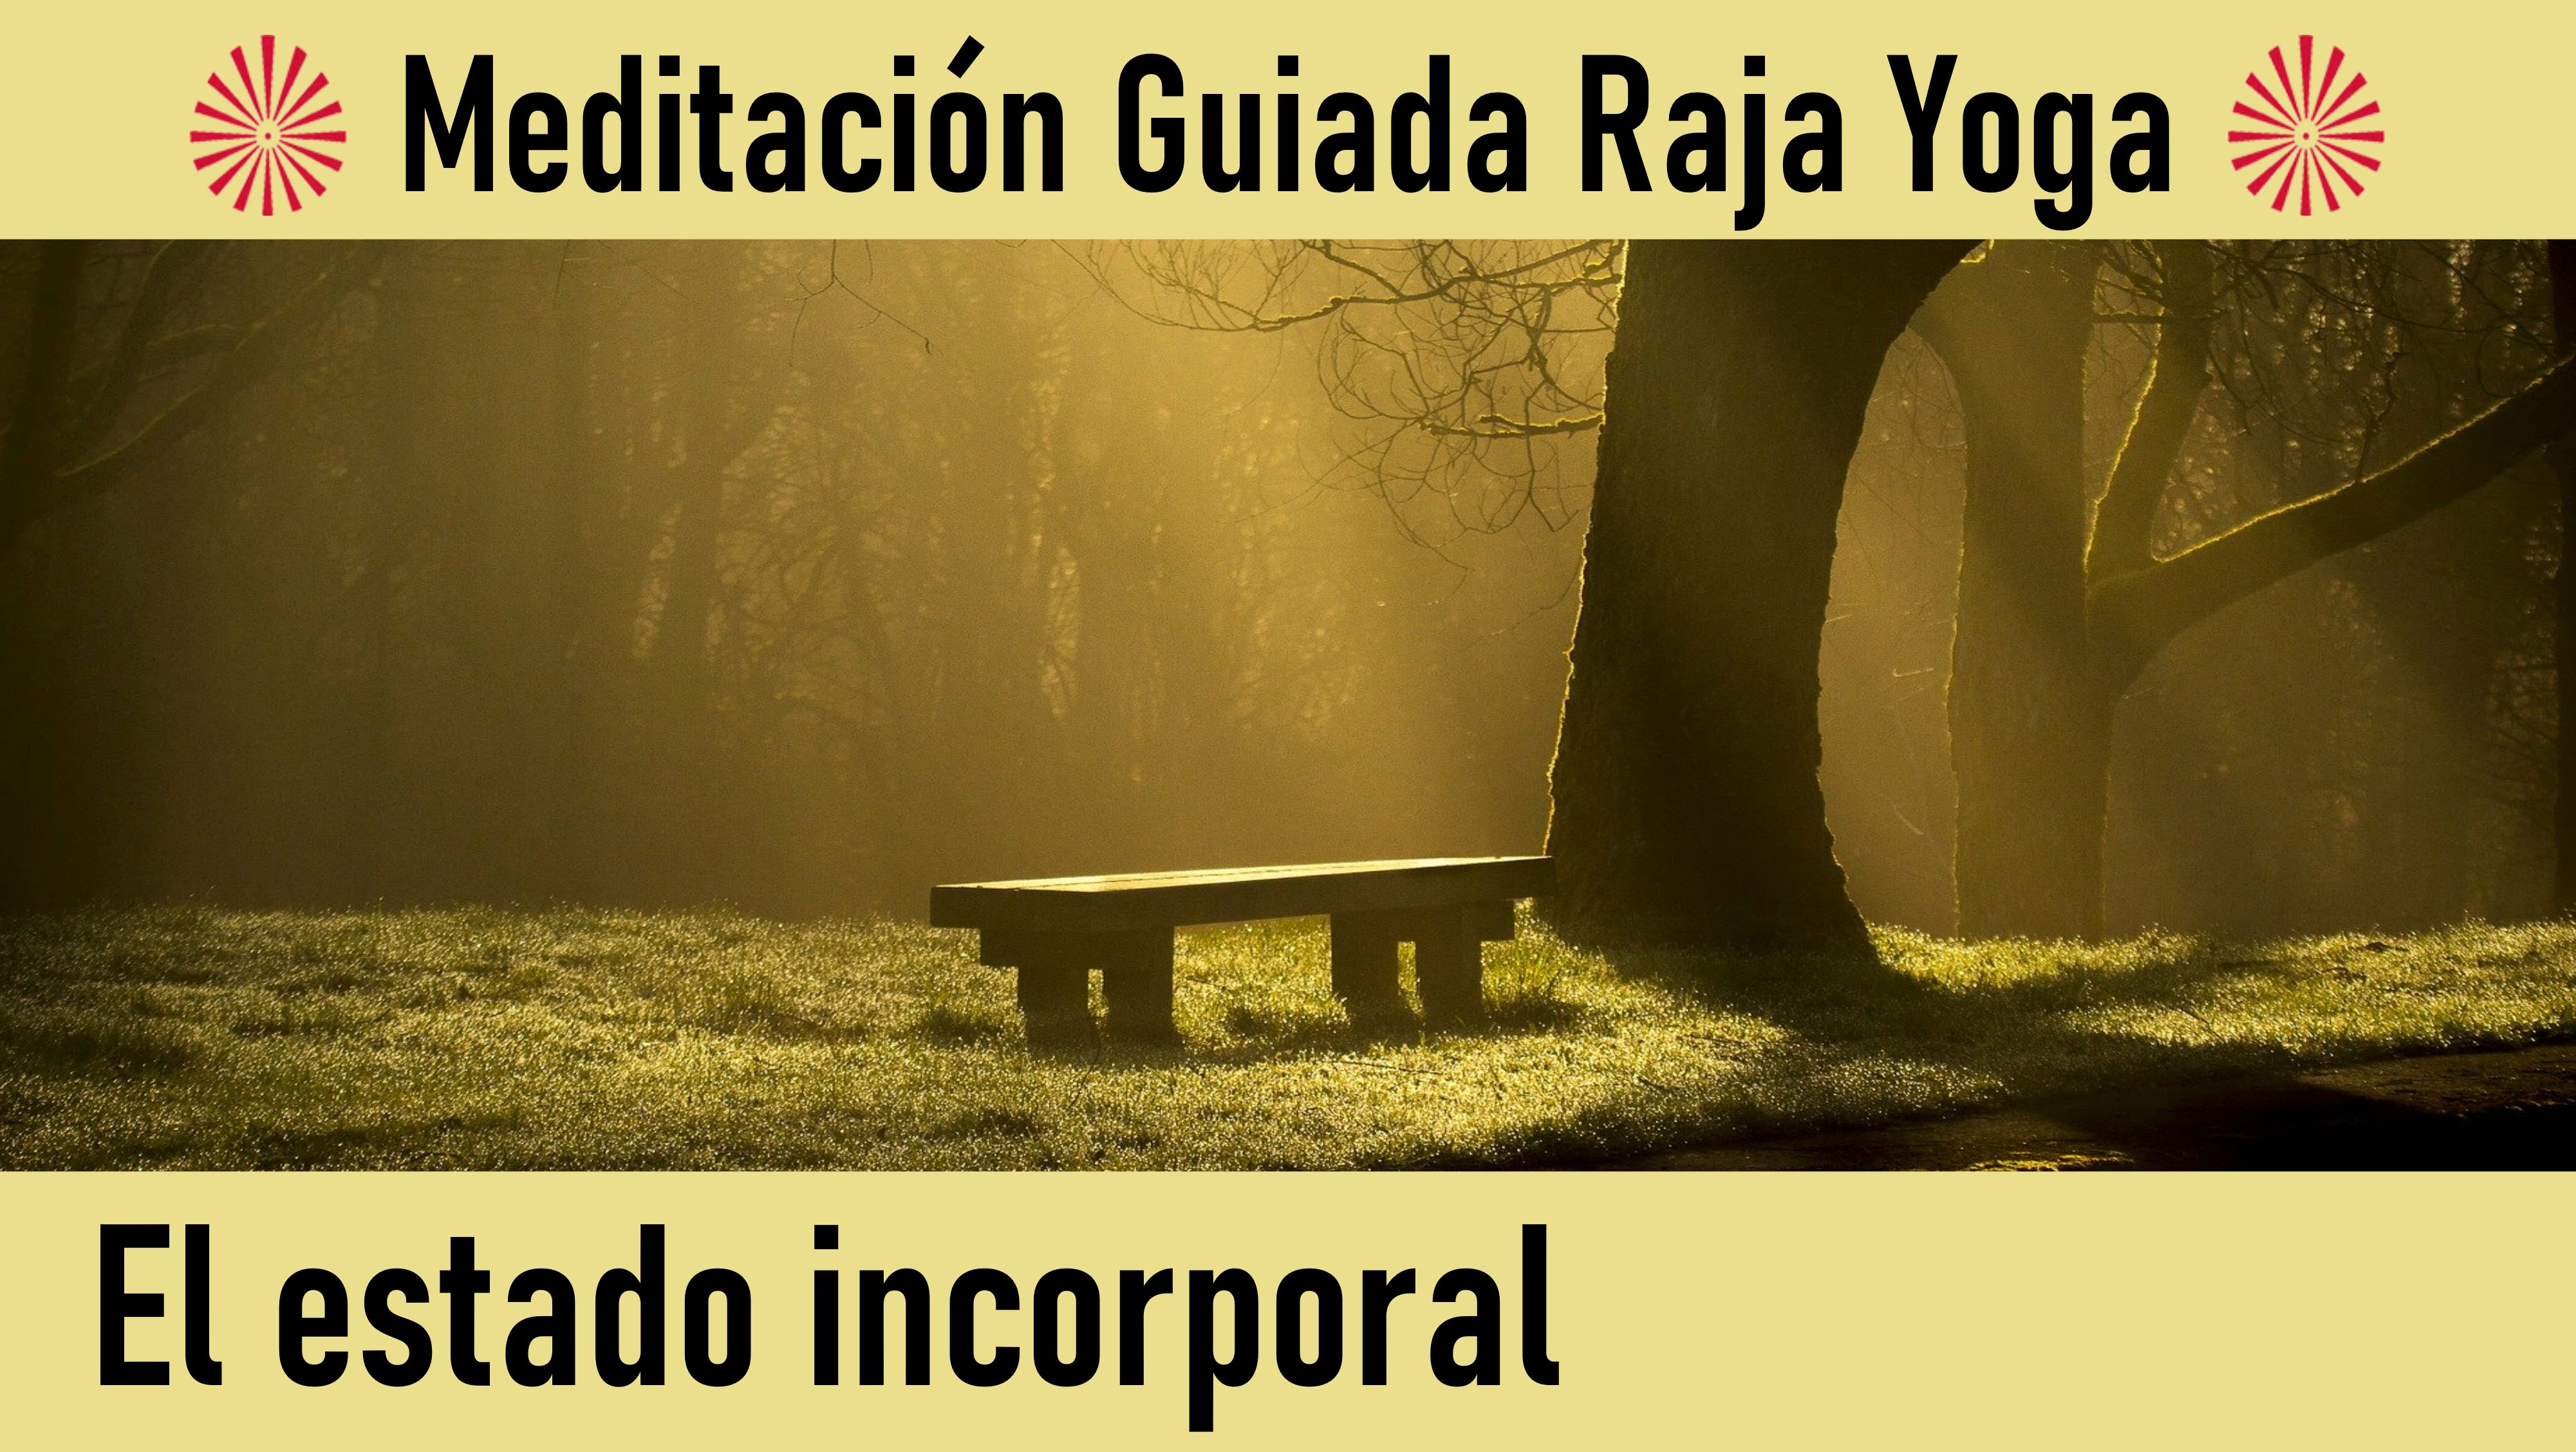 Meditación Raja Yoga: El estado incorporal (10 Junio 2020) On-line desde Madrid